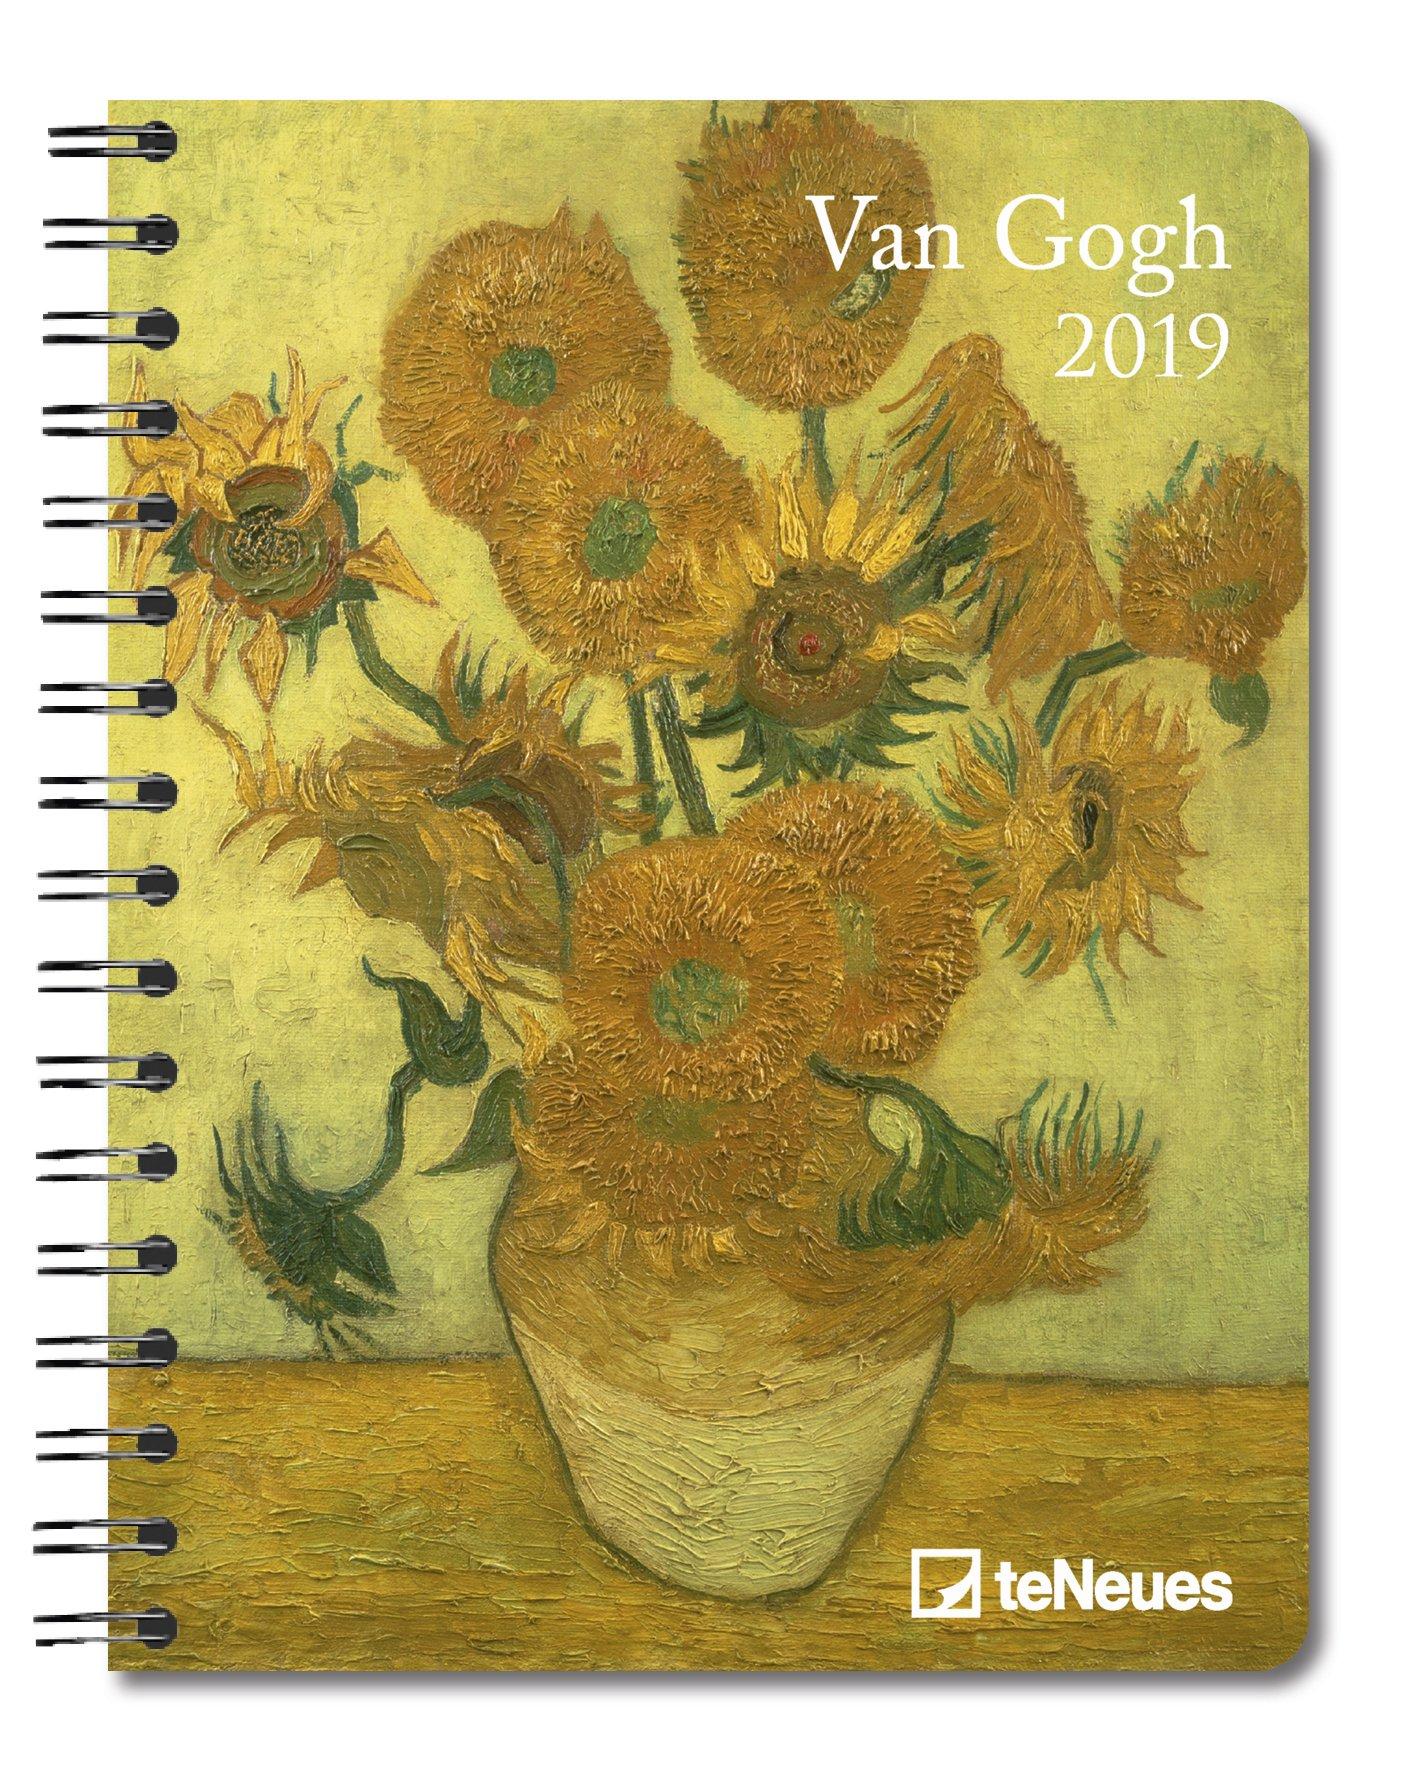 2019 van Gogh Deluxe Diary: Amazon.es: Vincent van Gogh: Libros